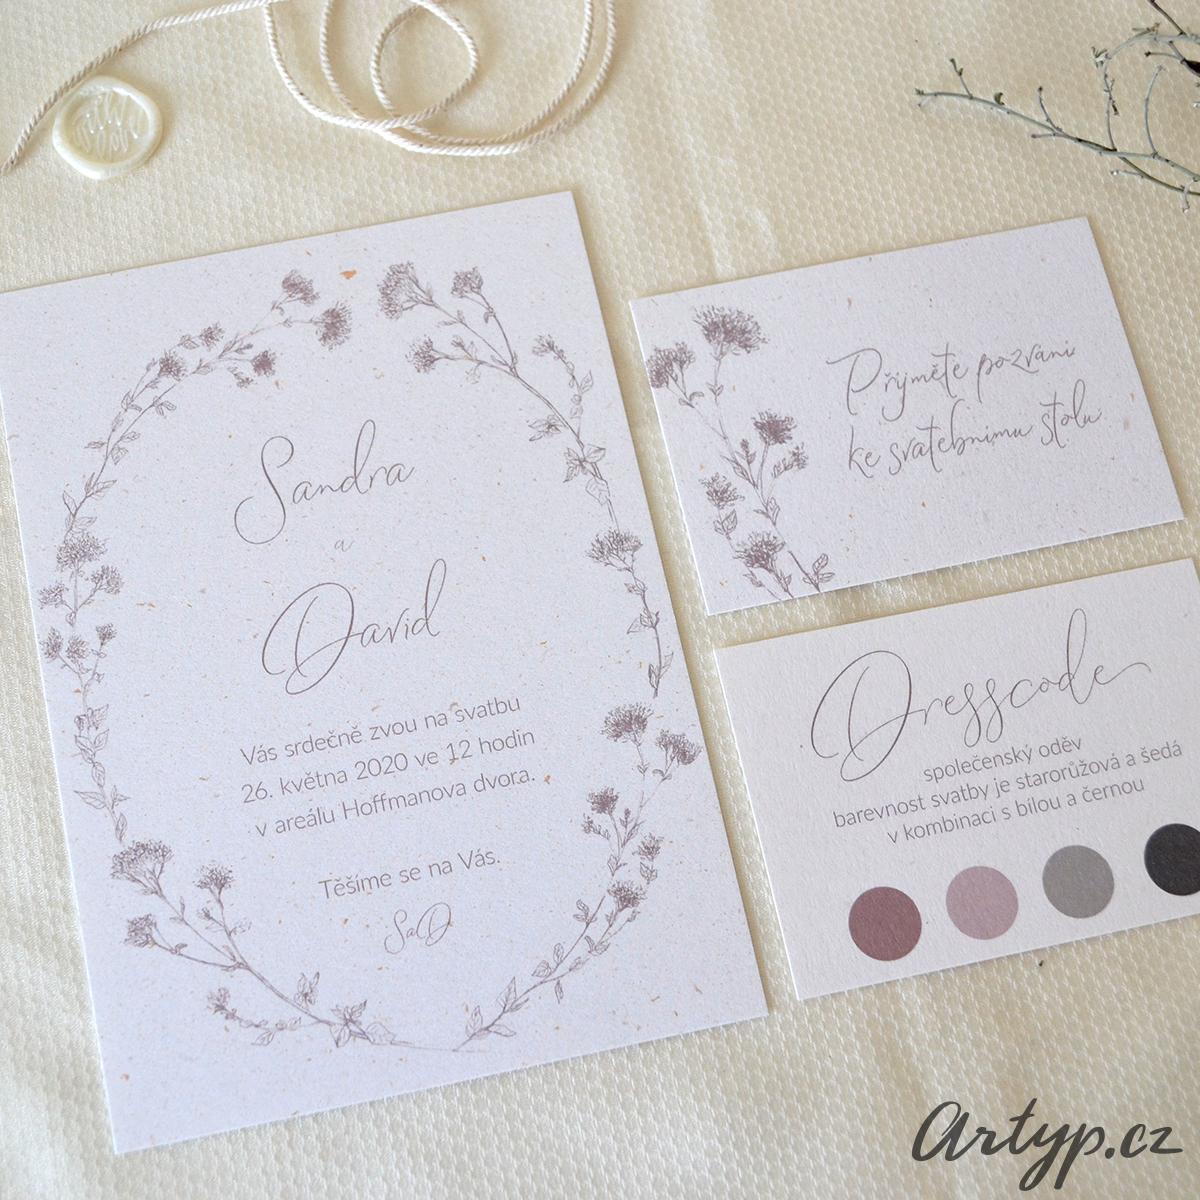 Svatební oznámení - Obrázek č. 1